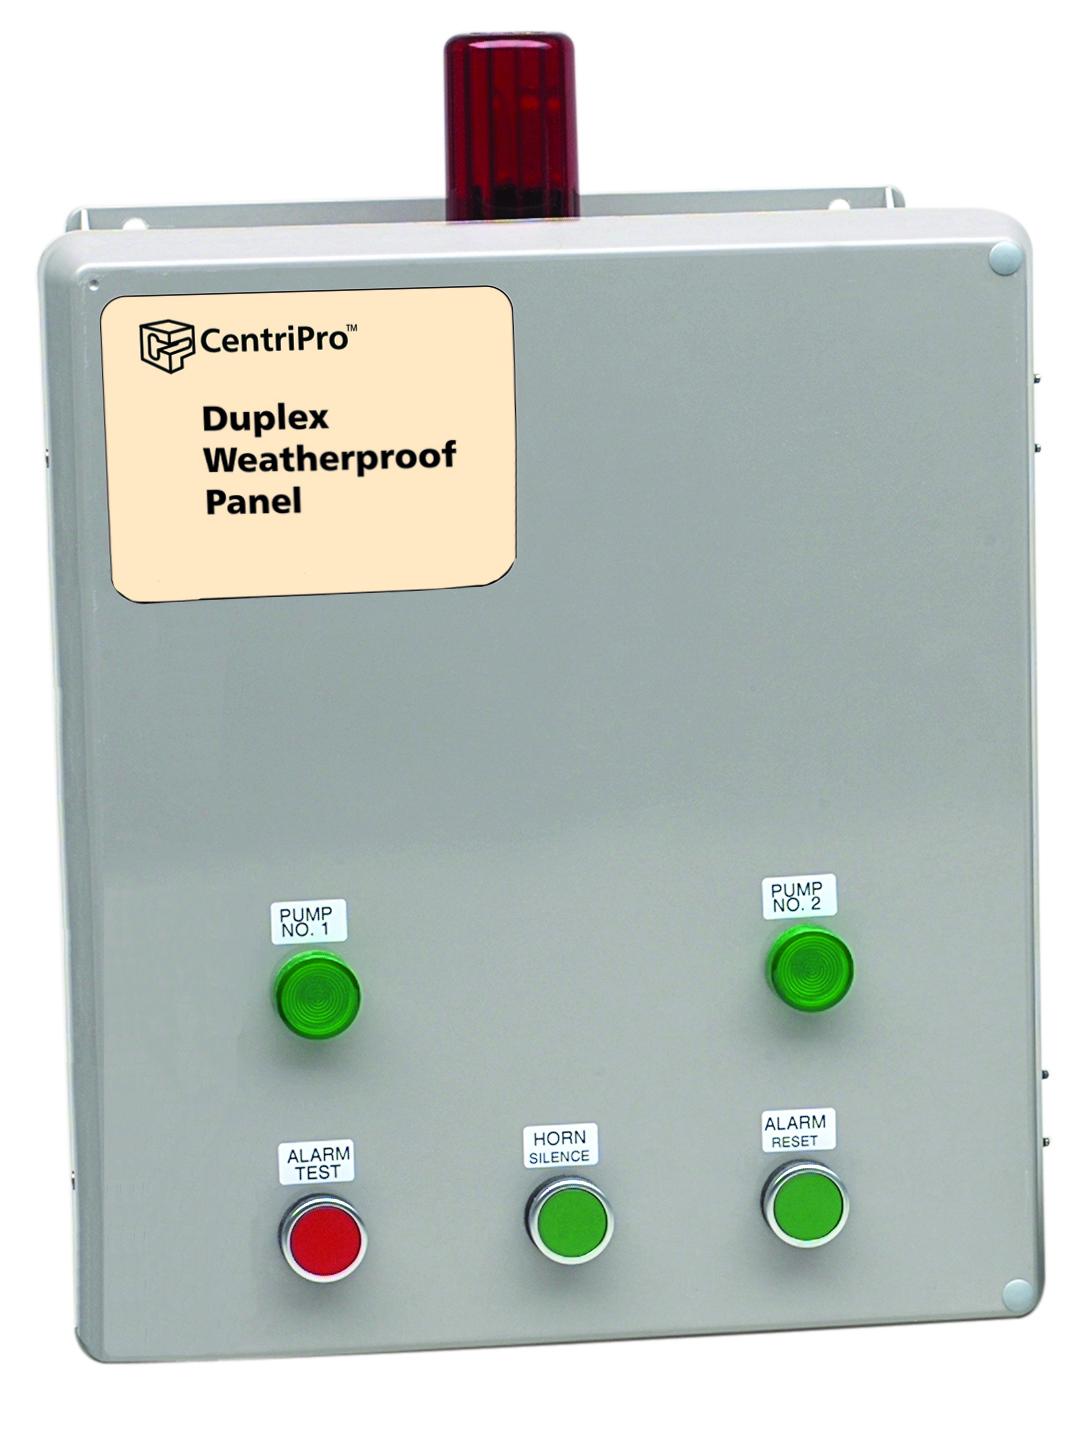 Outdoor Panels up to 7.5 hp: BCP4 – D10020 thru D32025 - Xylem ...